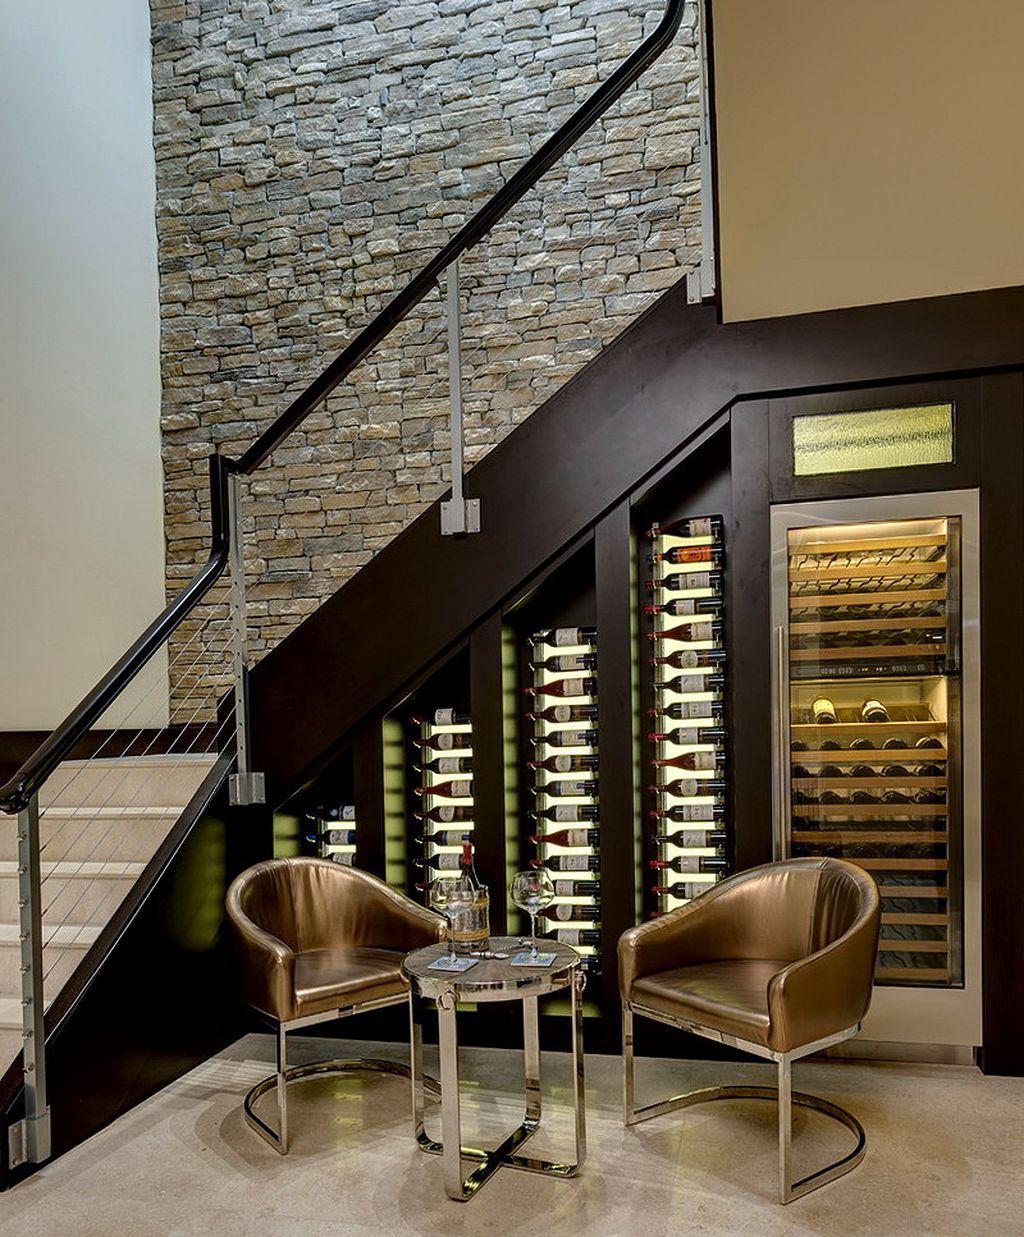 20 Eye Catching Under Stairs Wine Storage Ideas: 57 Wine Cellar Under The Stairs Ideas